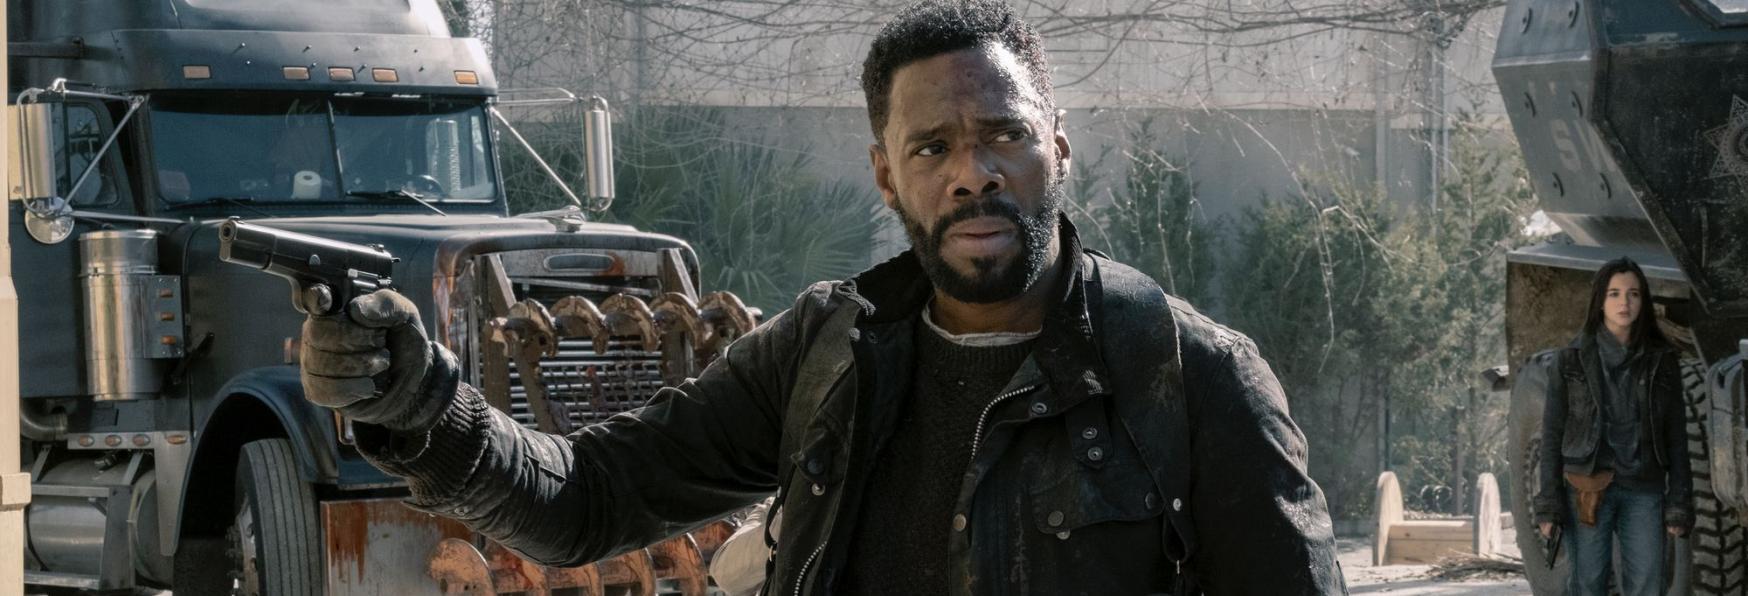 Fear the Walking Dead: Colman Domingo vorrebbe avere un Ruolo in un prodotto Marvel